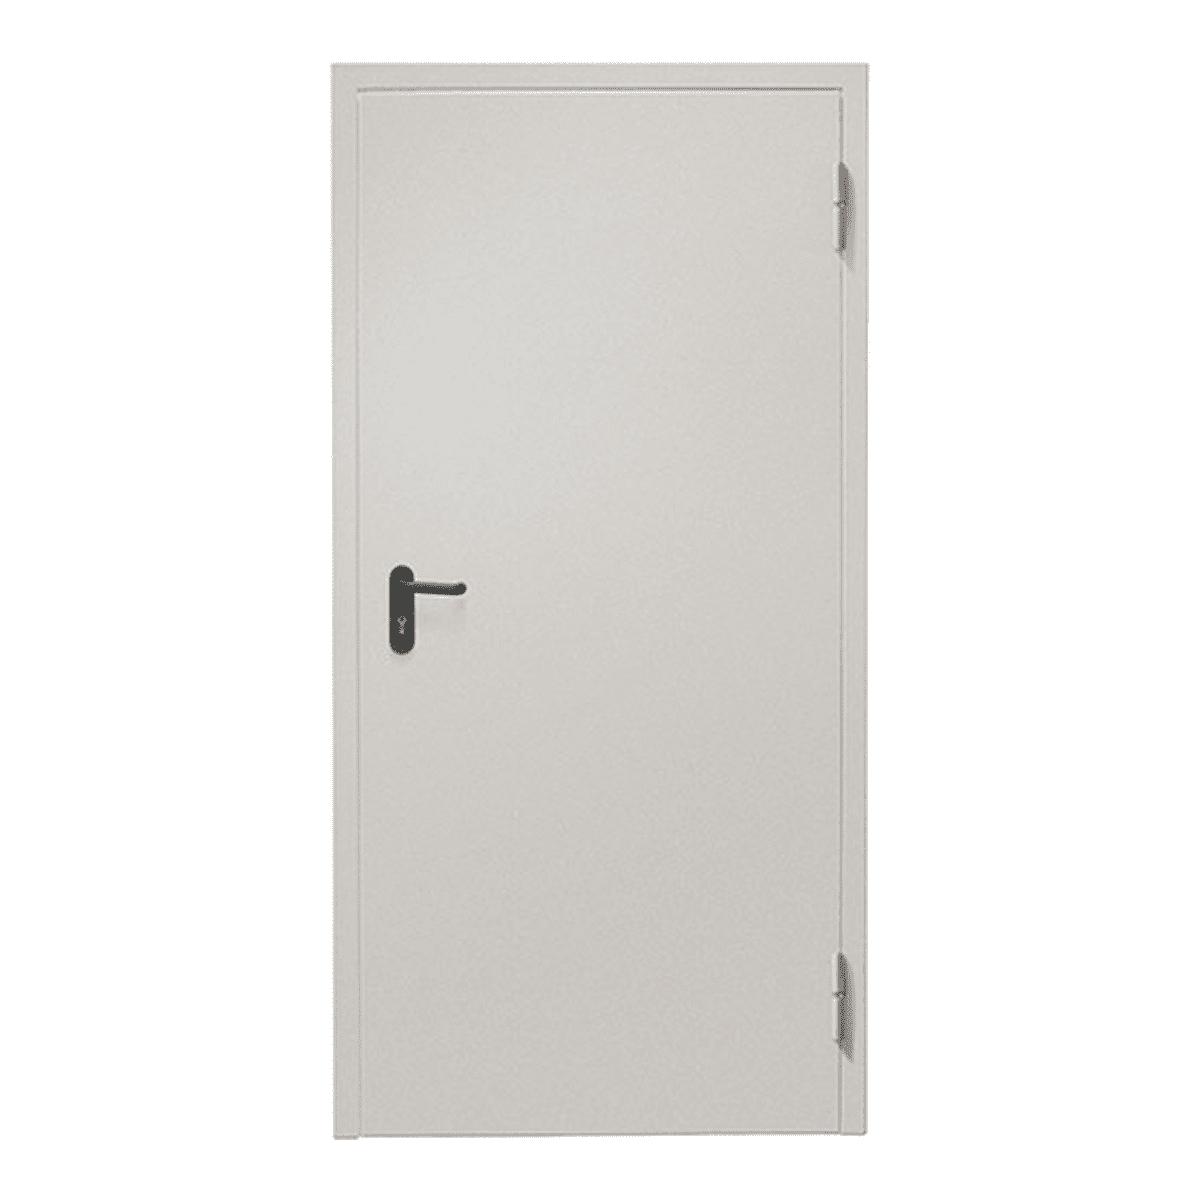 Дверь металлическая противопожарная ДП-1-60-2050/950/левая